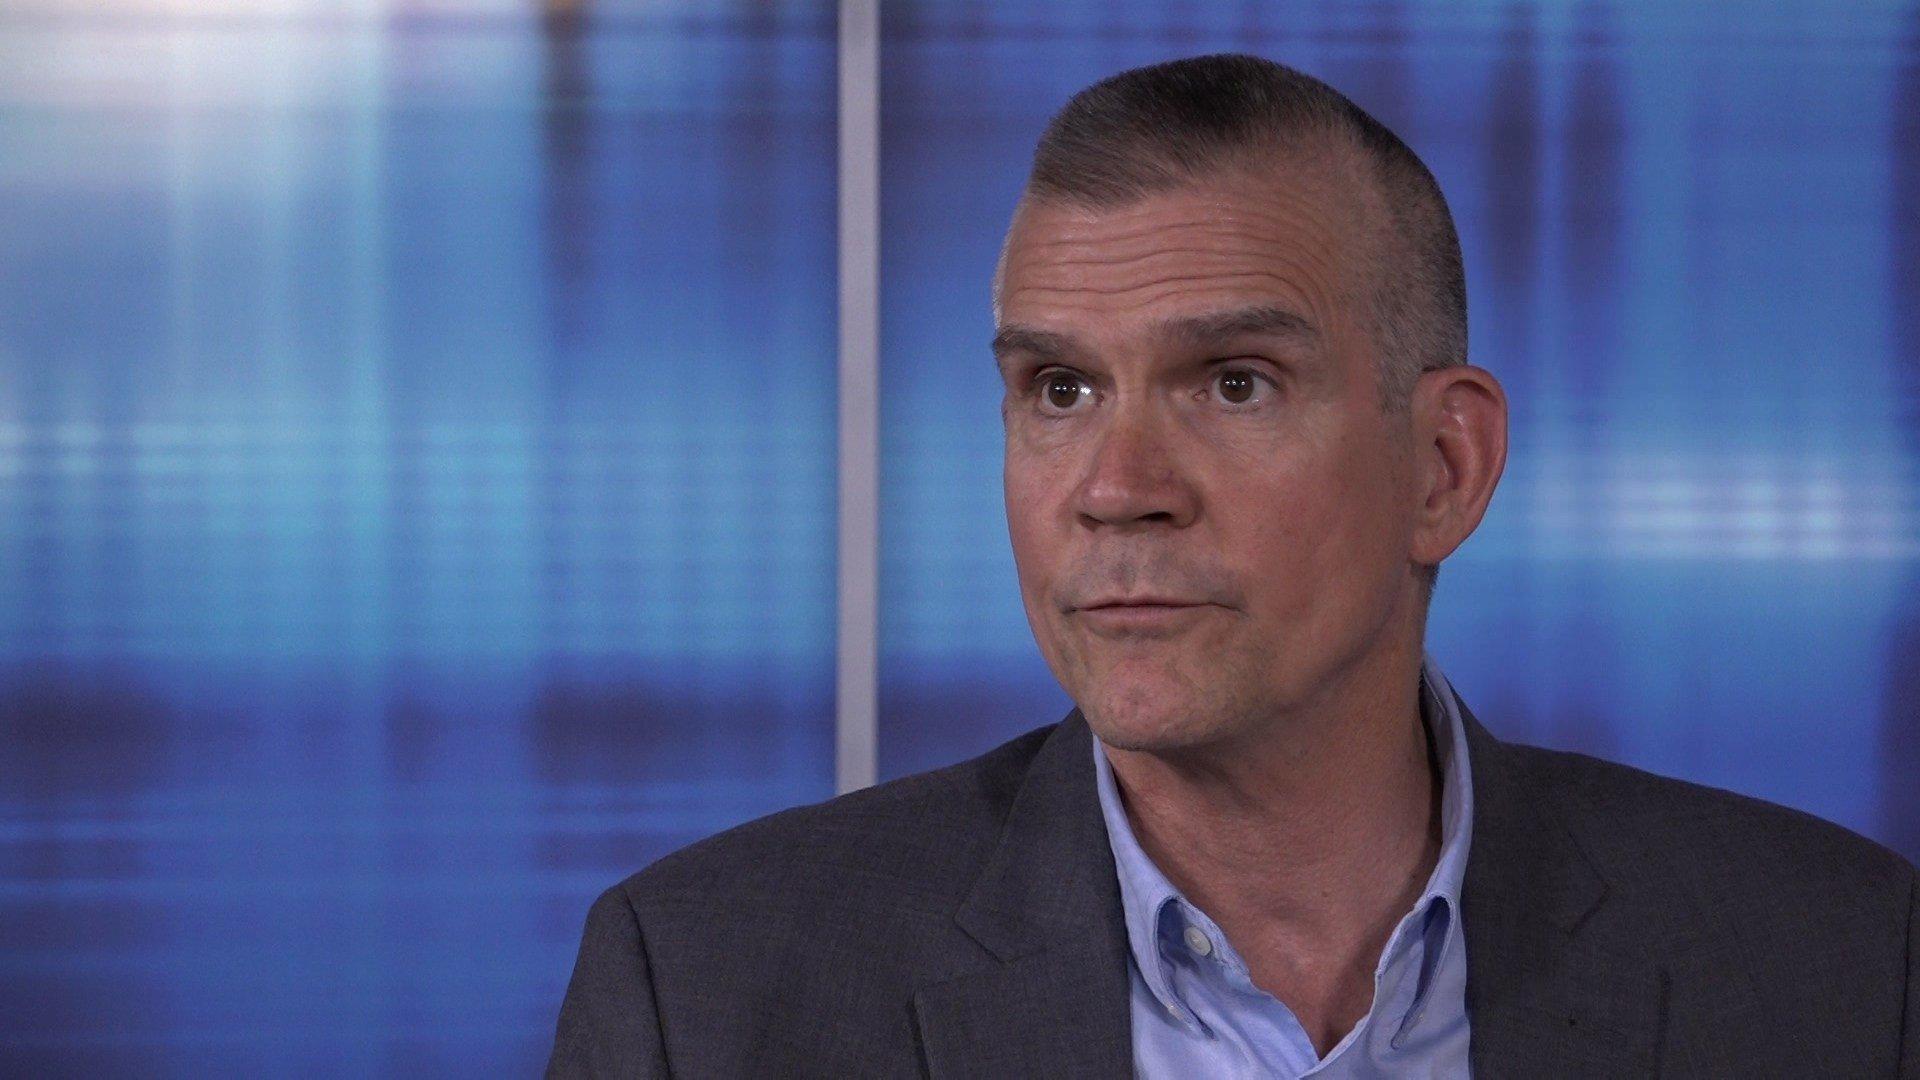 Republican U.S. Senate candidate Matt Rosendale